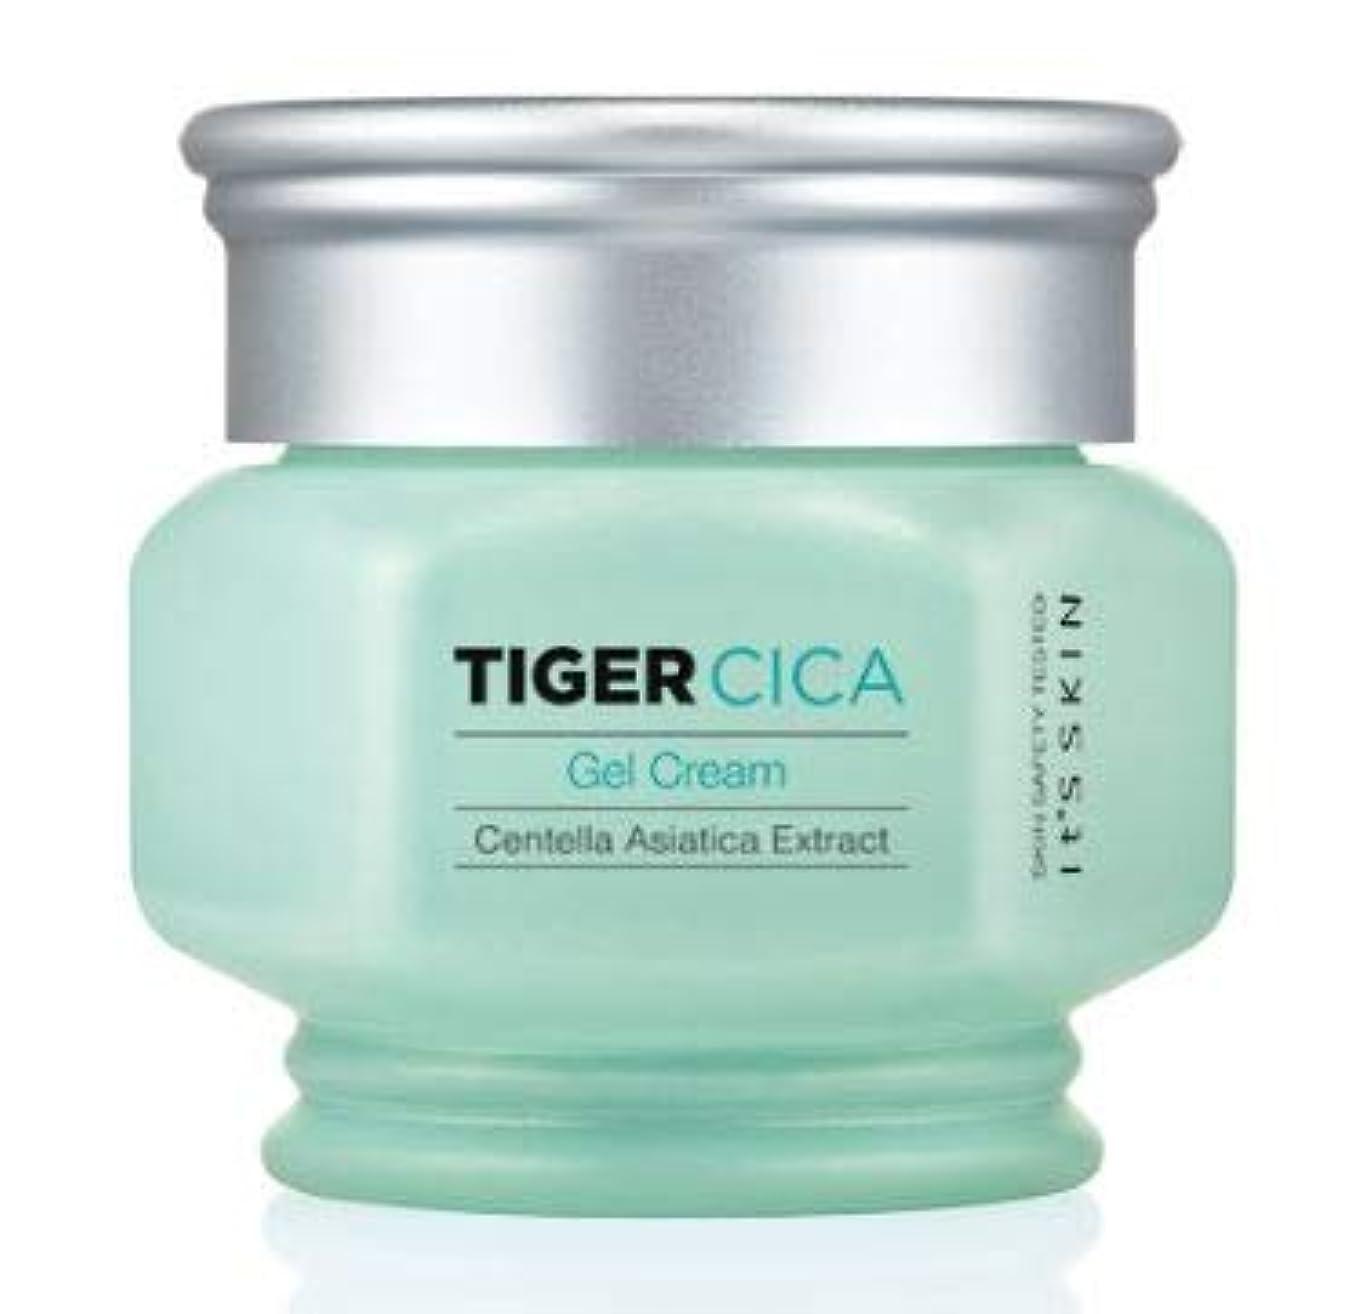 の頭の上無駄密接に[It's Skin] Tiger Cica Gel Cream /[イッツスキン] タイガーシカ ジェル クリーム [並行輸入品]